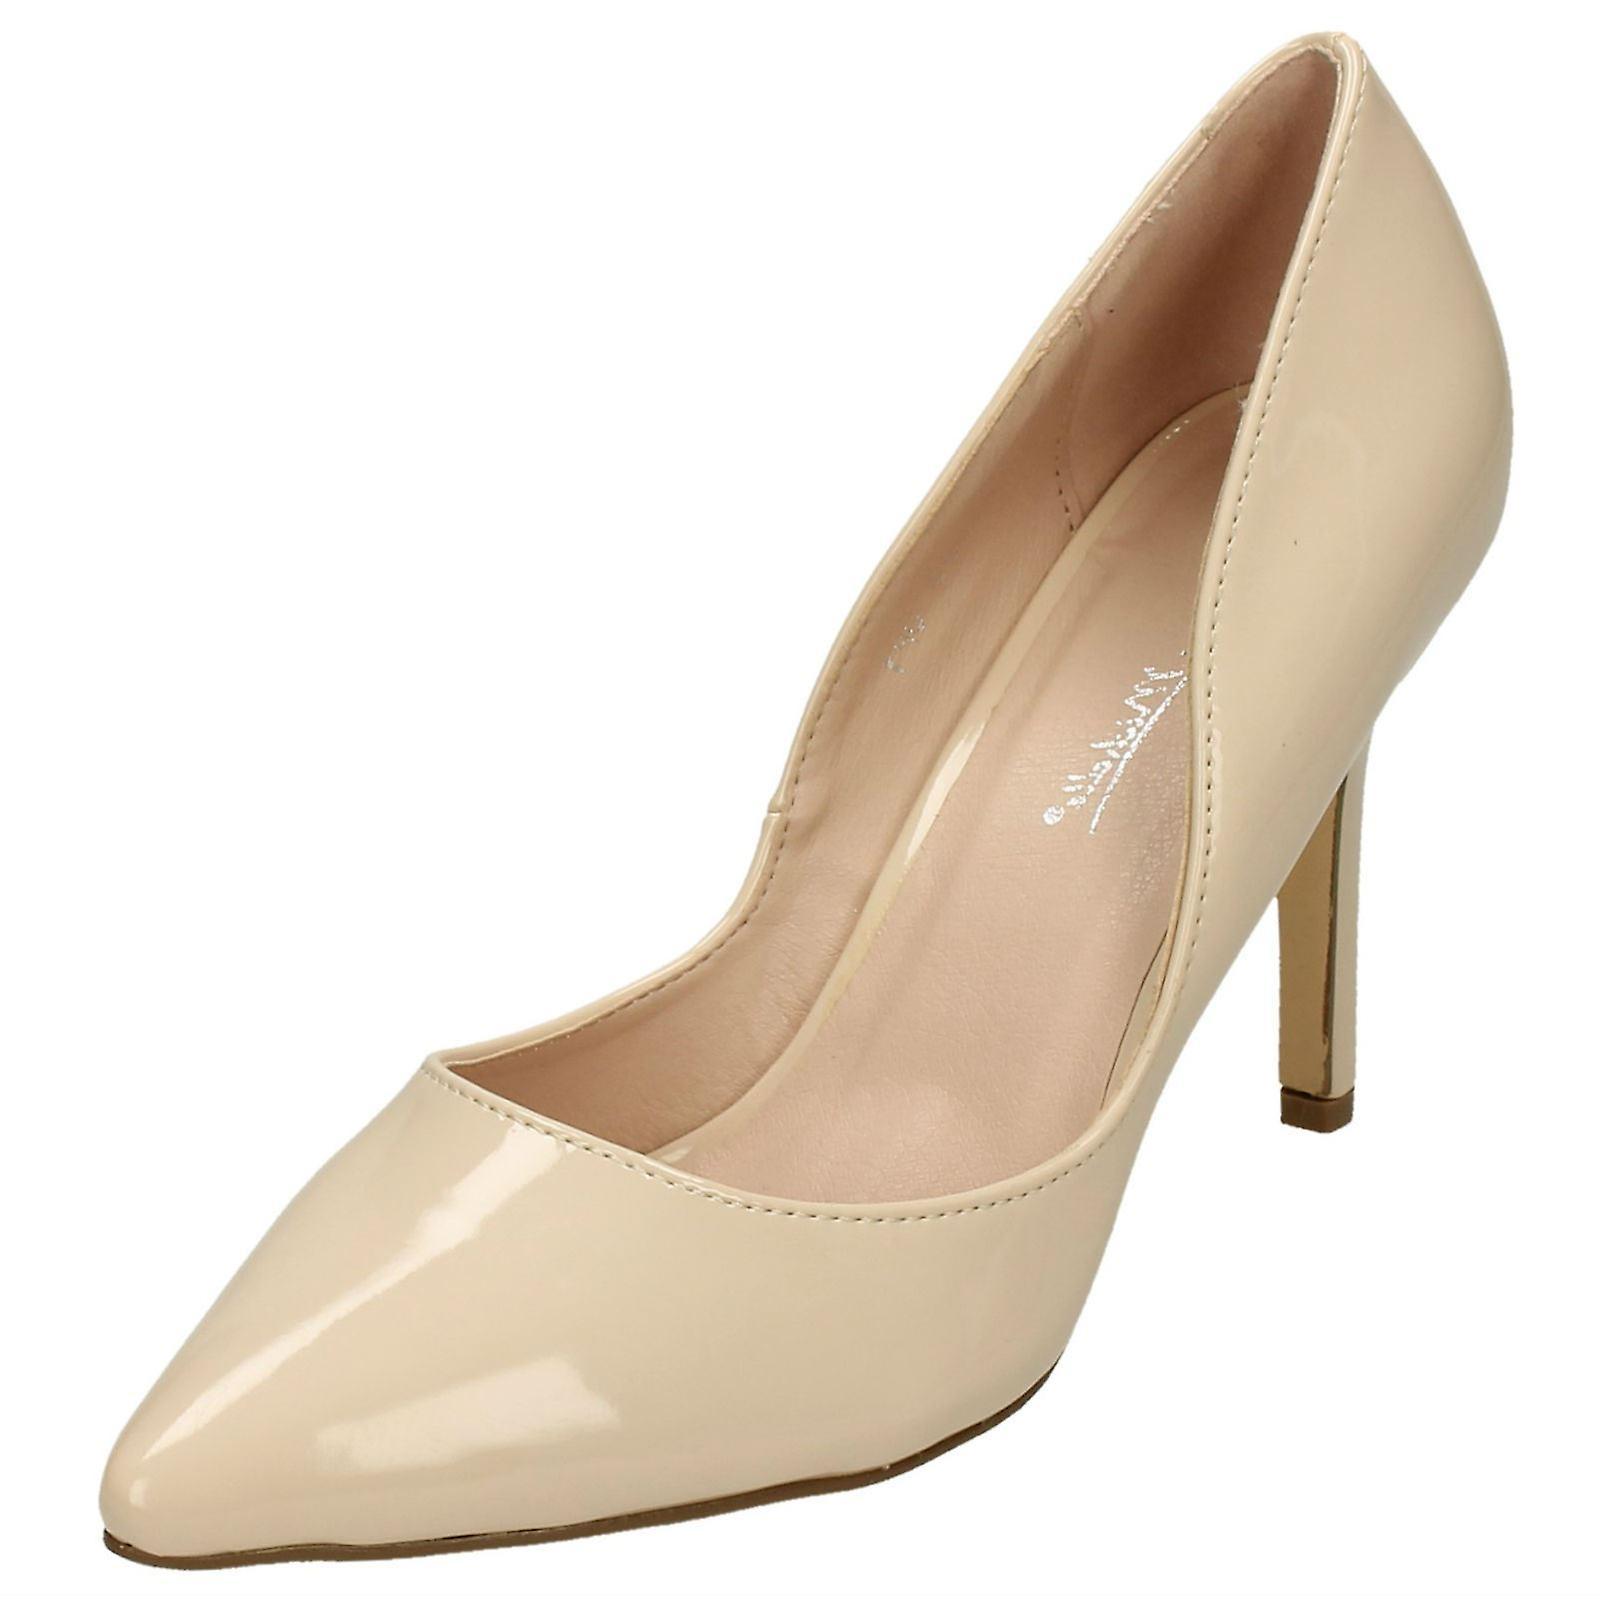 Damen Anne Michelle wies Spitze Gericht Schuhe F9999